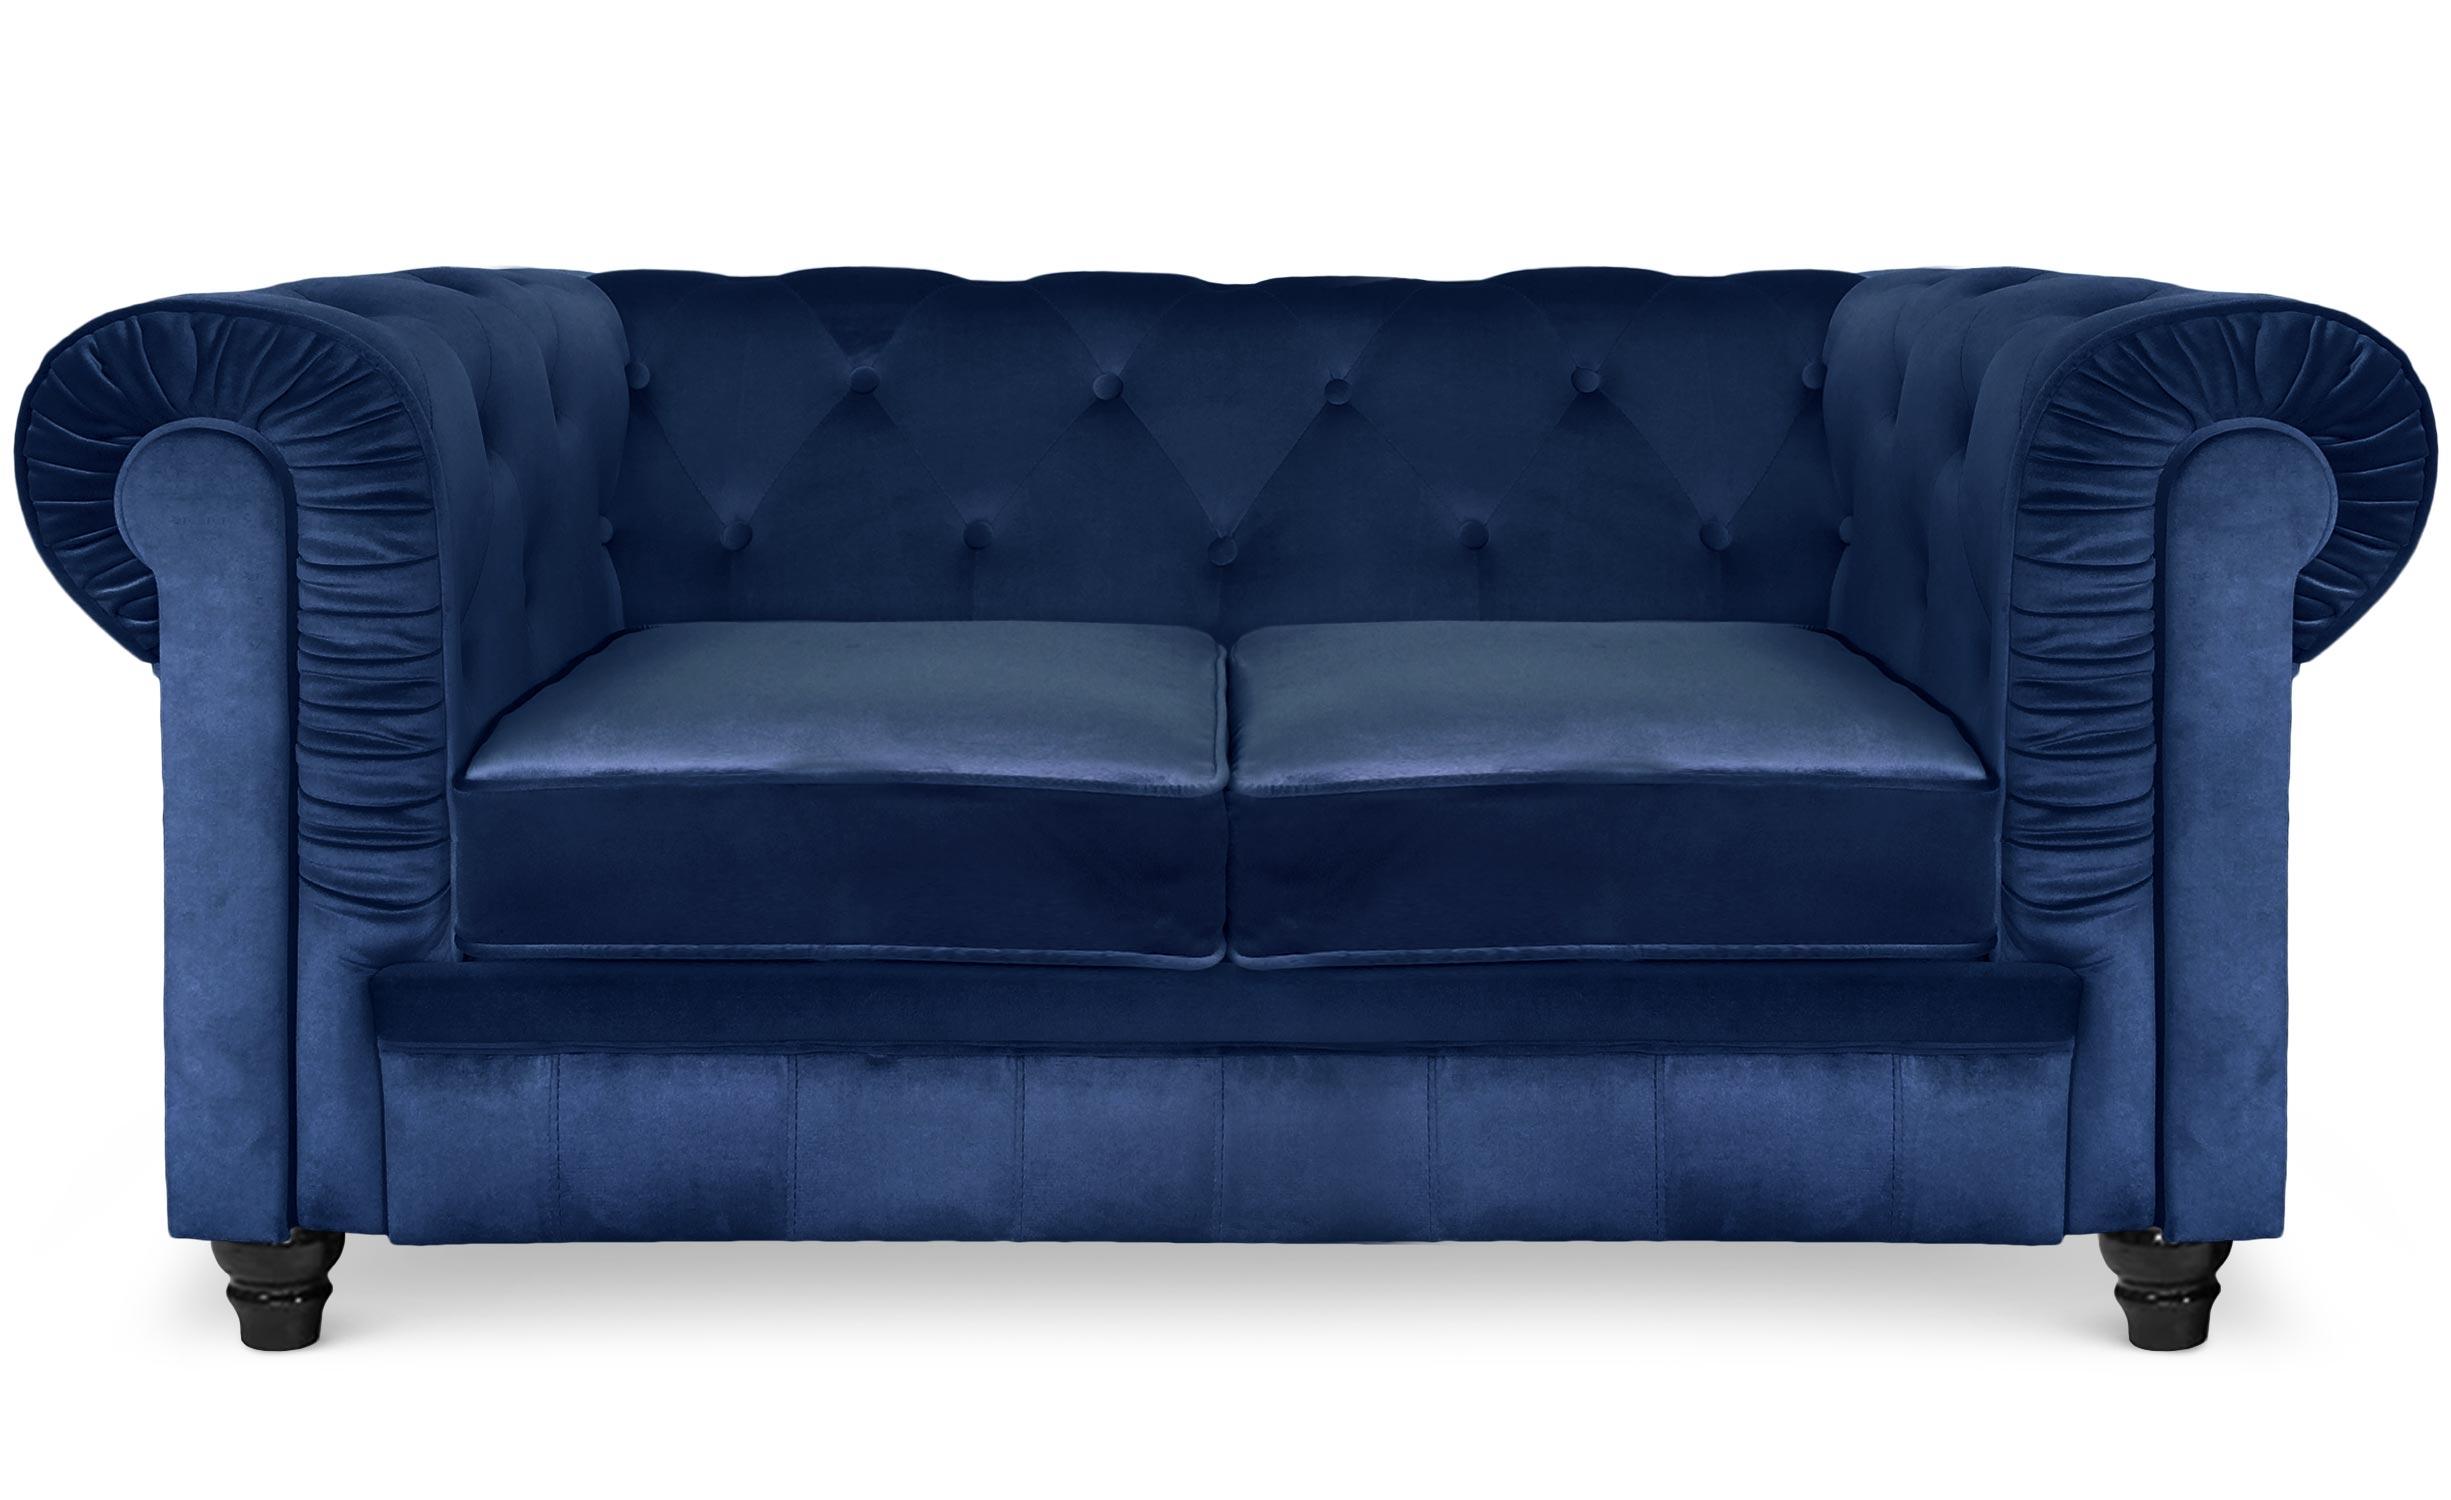 Grote 2-zits Chesterfield blauw fluwelen bank